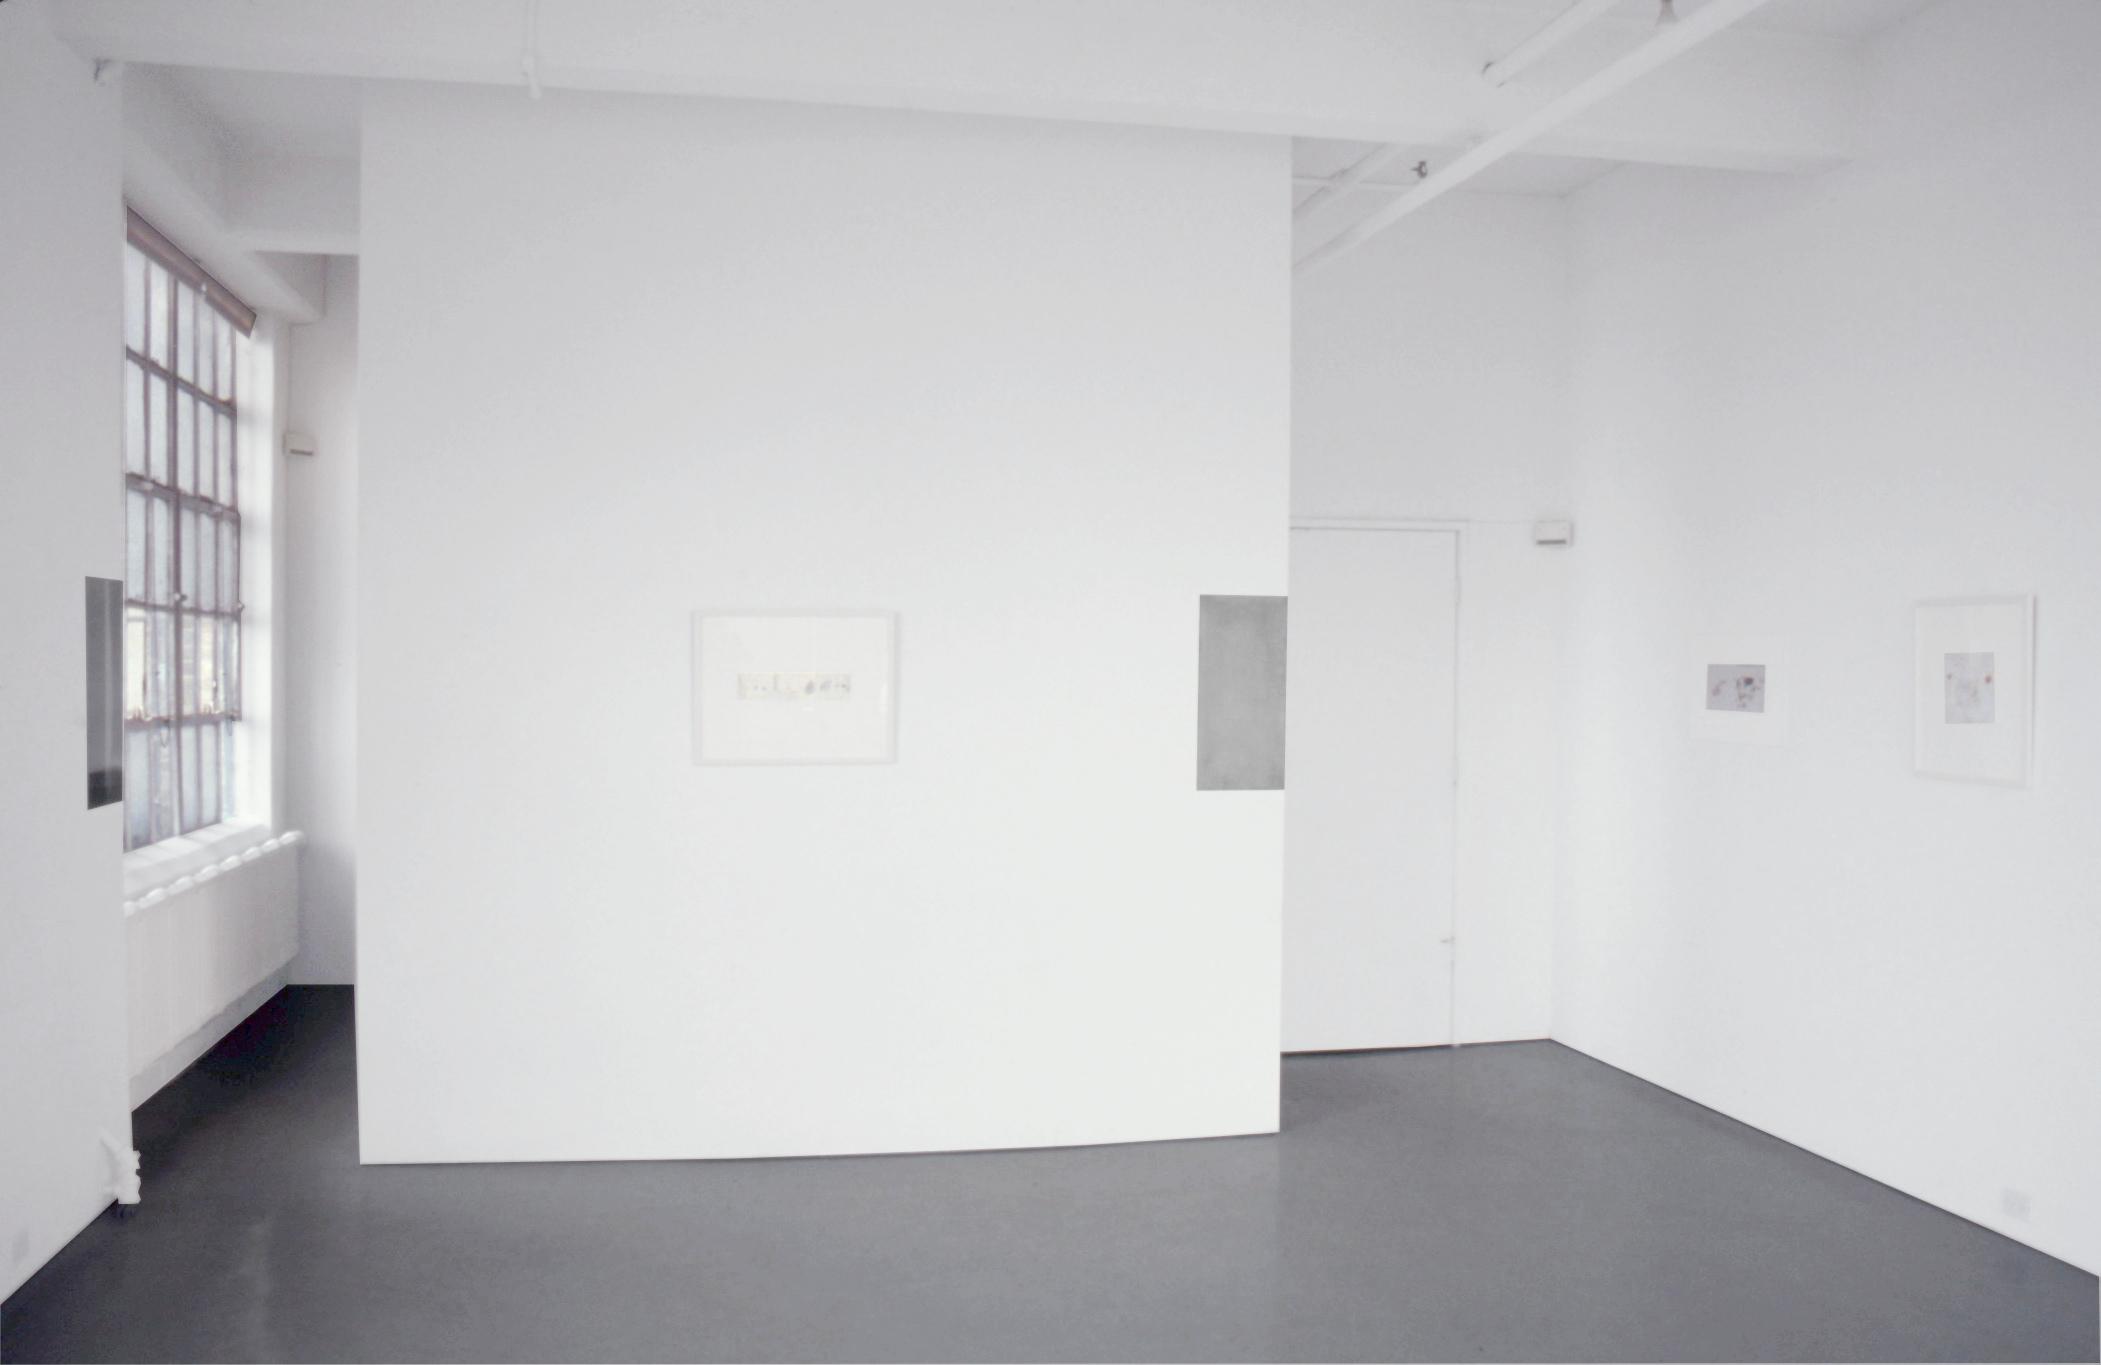 Ernst Caramelle at Lawrence Markey 1993.jpeg